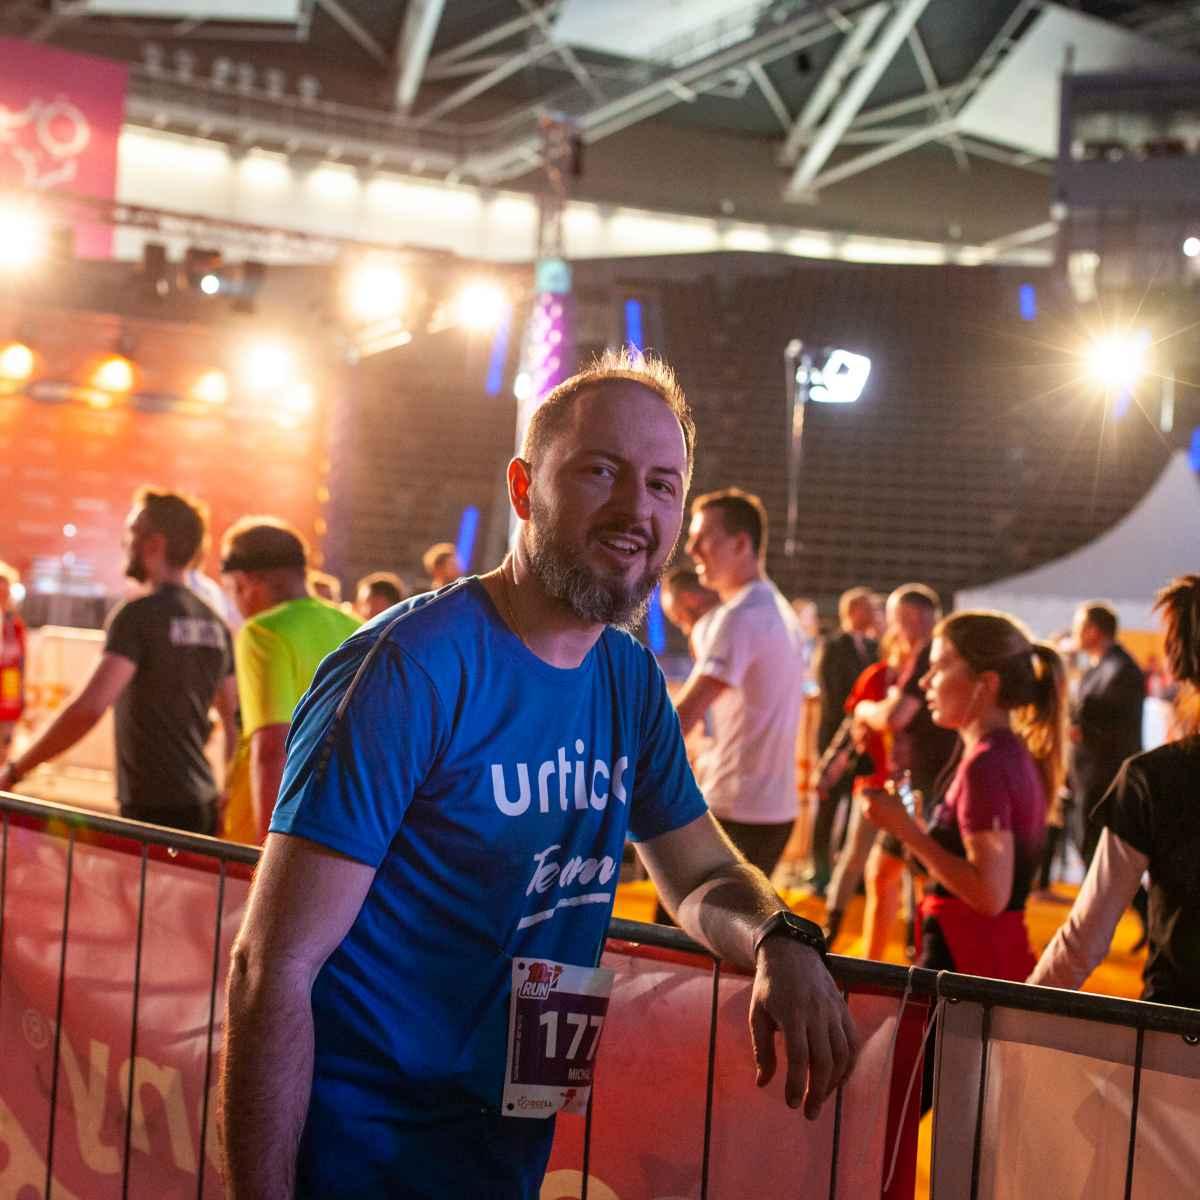 IMG_1240 Wzięliśmy udział w 9. edycji DOZ Maratonu! | Urtica